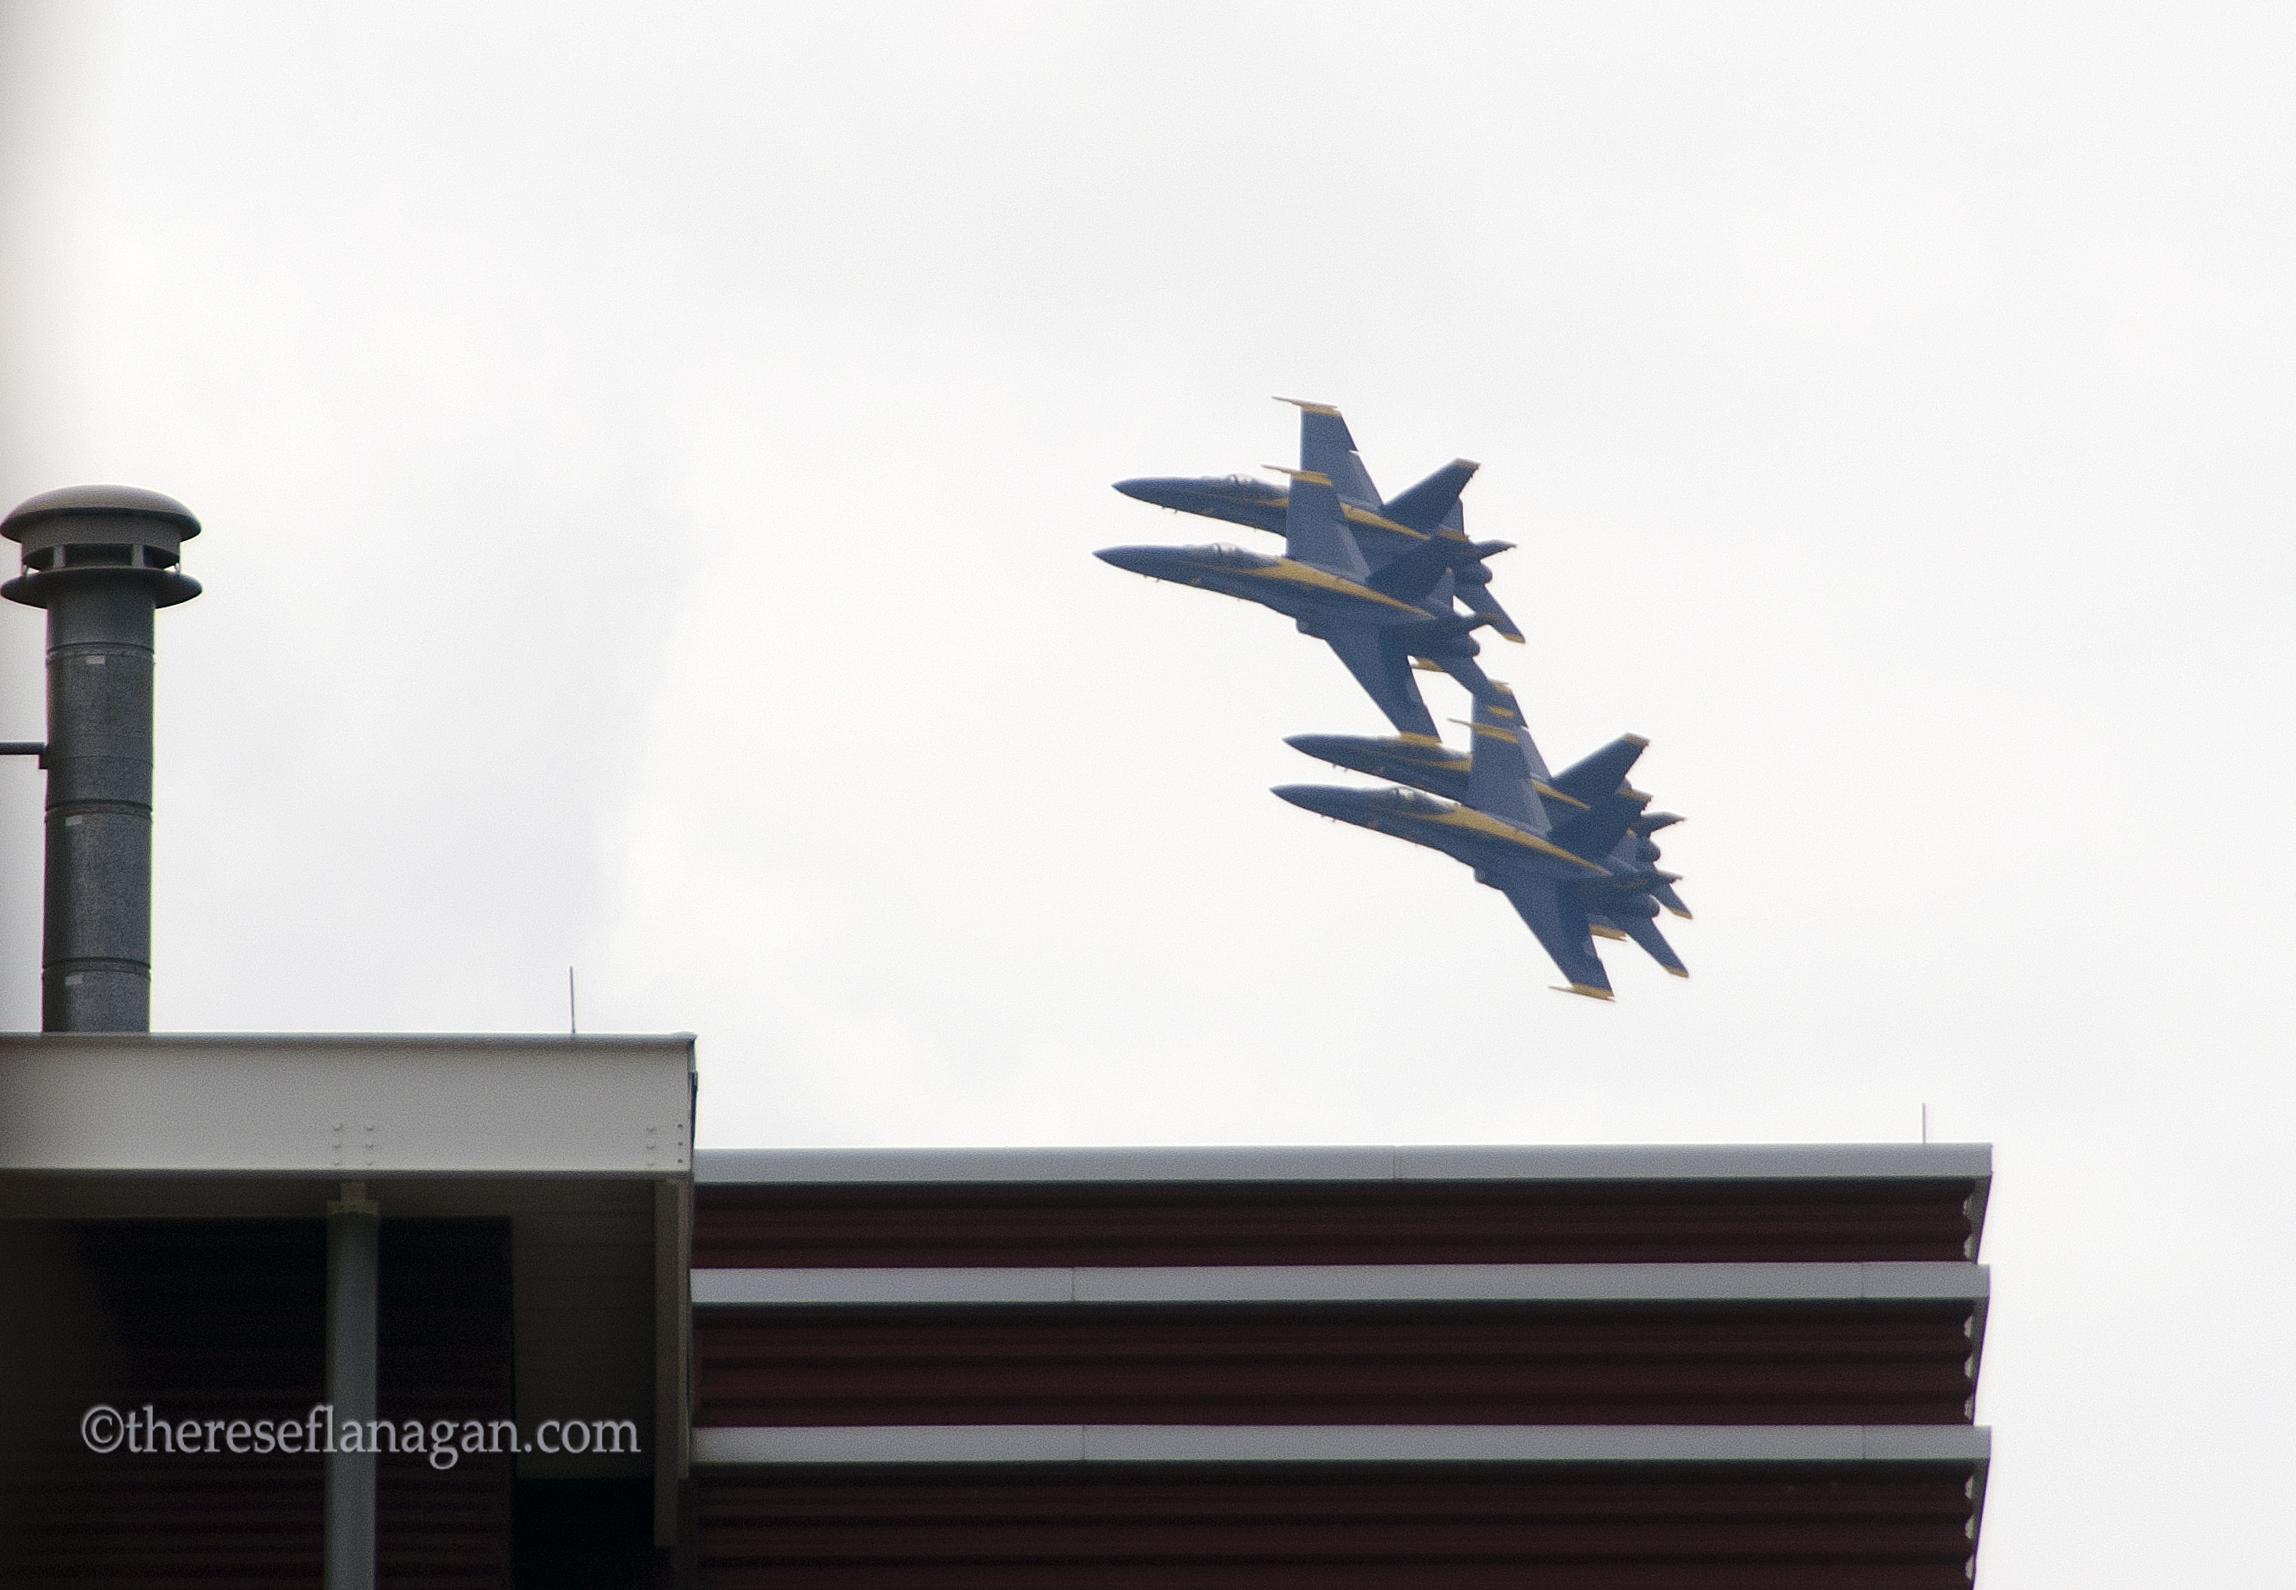 Blue Angels Chicago Air Show 2014.jpg